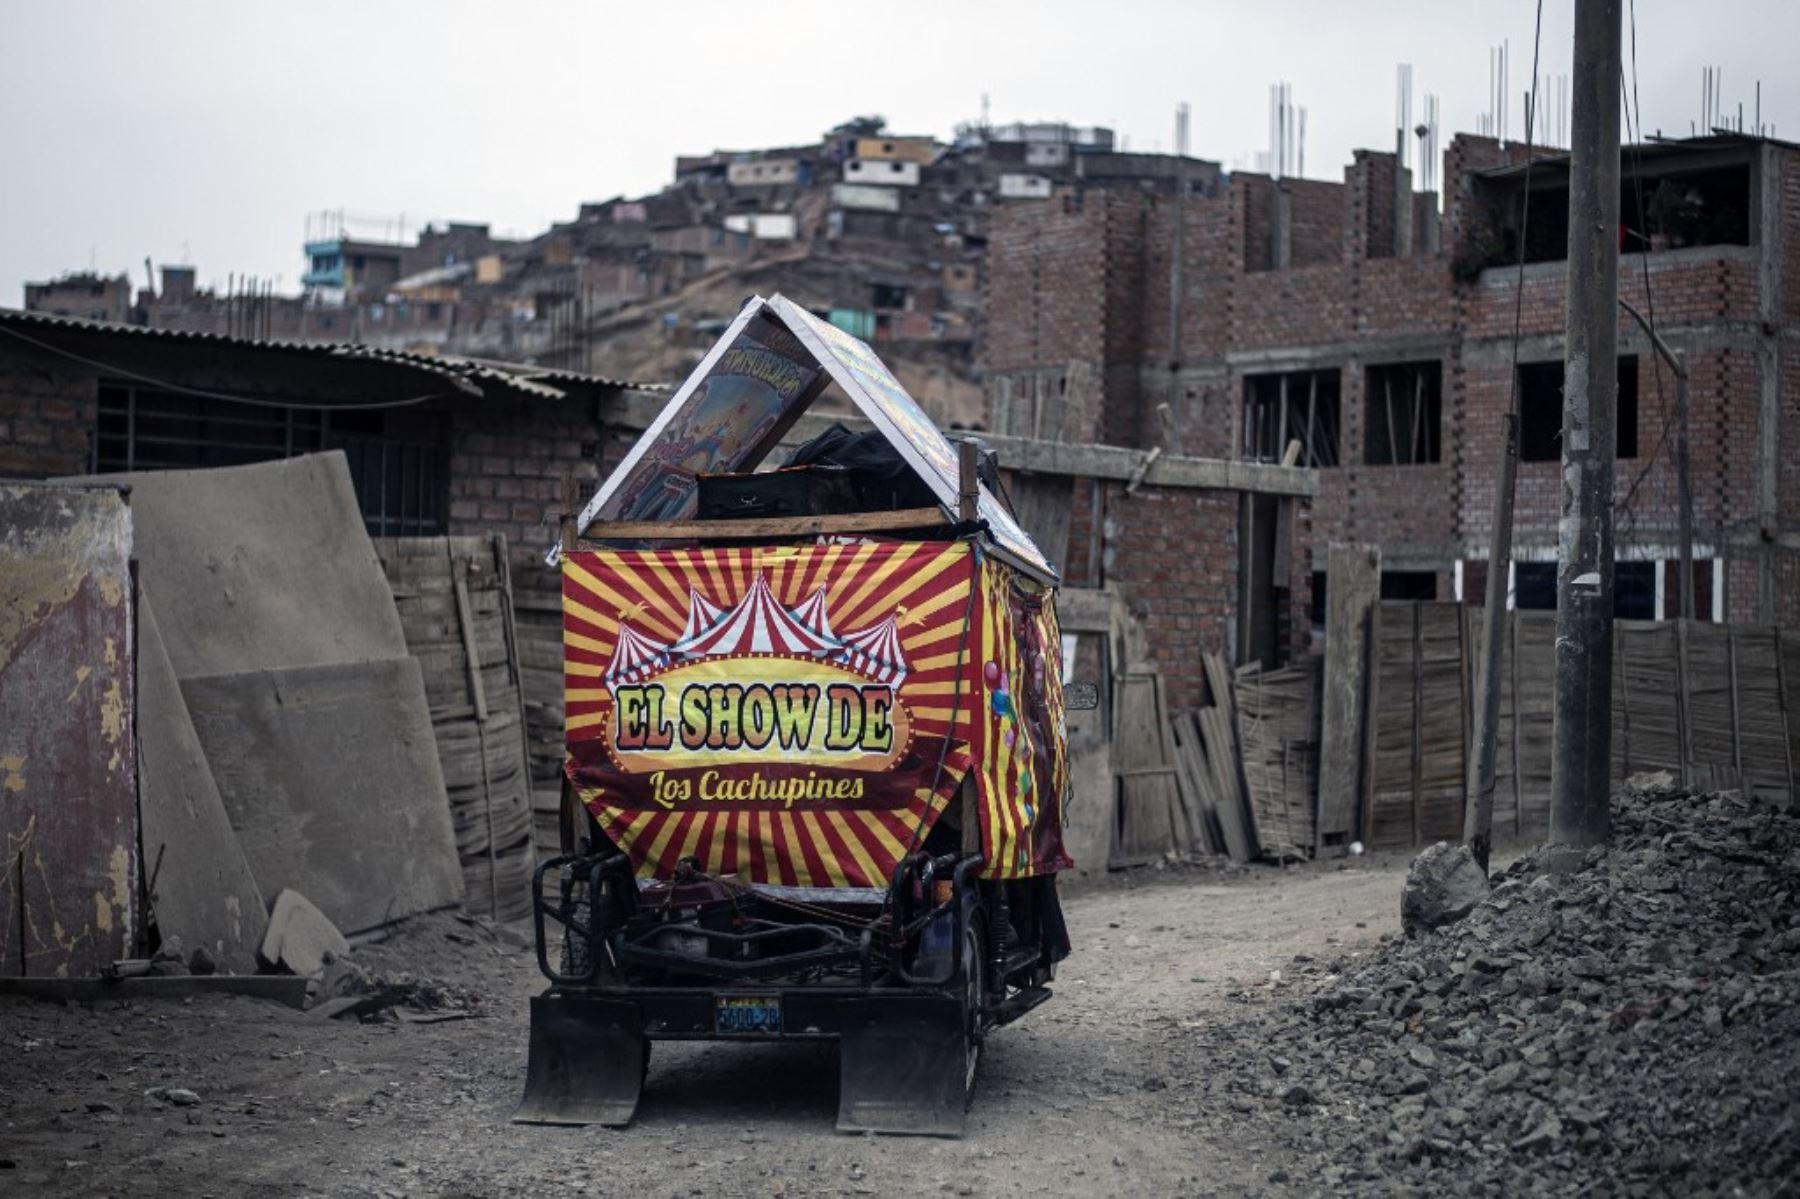 Payasos conducen su mototaxi de circo después de actuar en el distrito de Puente Piedra, en las afueras del norte de Lima, durante la pandemia covud-19. Debido a la pandemia de coronavirus, los circos en Perú permanecen cerrados, lo que lleva a este grupo de payasos que viajan en su circo mototaxi a actuar en las calles de Lima.   Foto: AFP